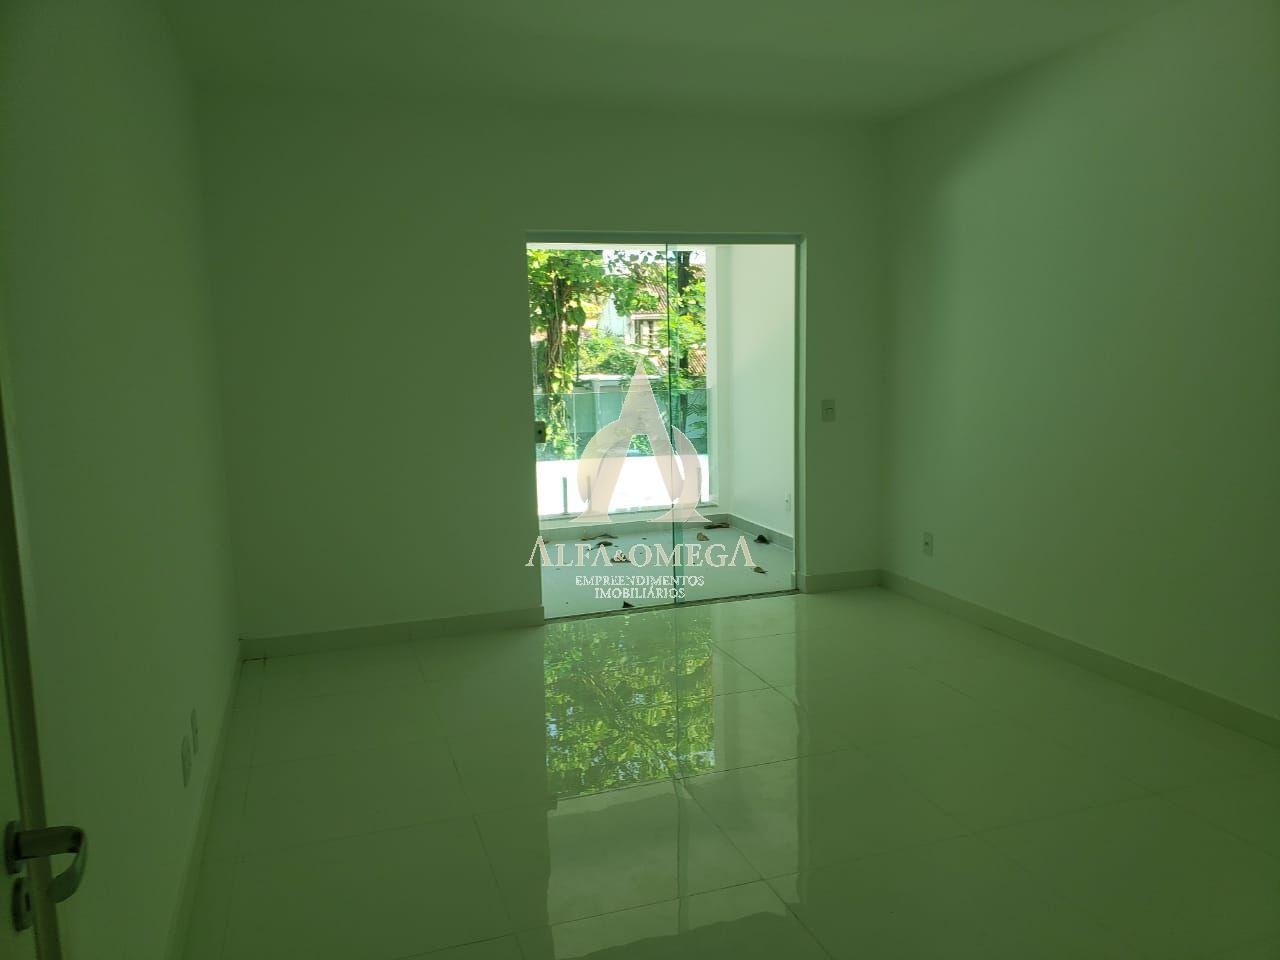 FOTO 13 - Casa 5 quartos à venda Barra da Tijuca, Rio de Janeiro - R$ 4.500.000 - AOJC60115 - 14